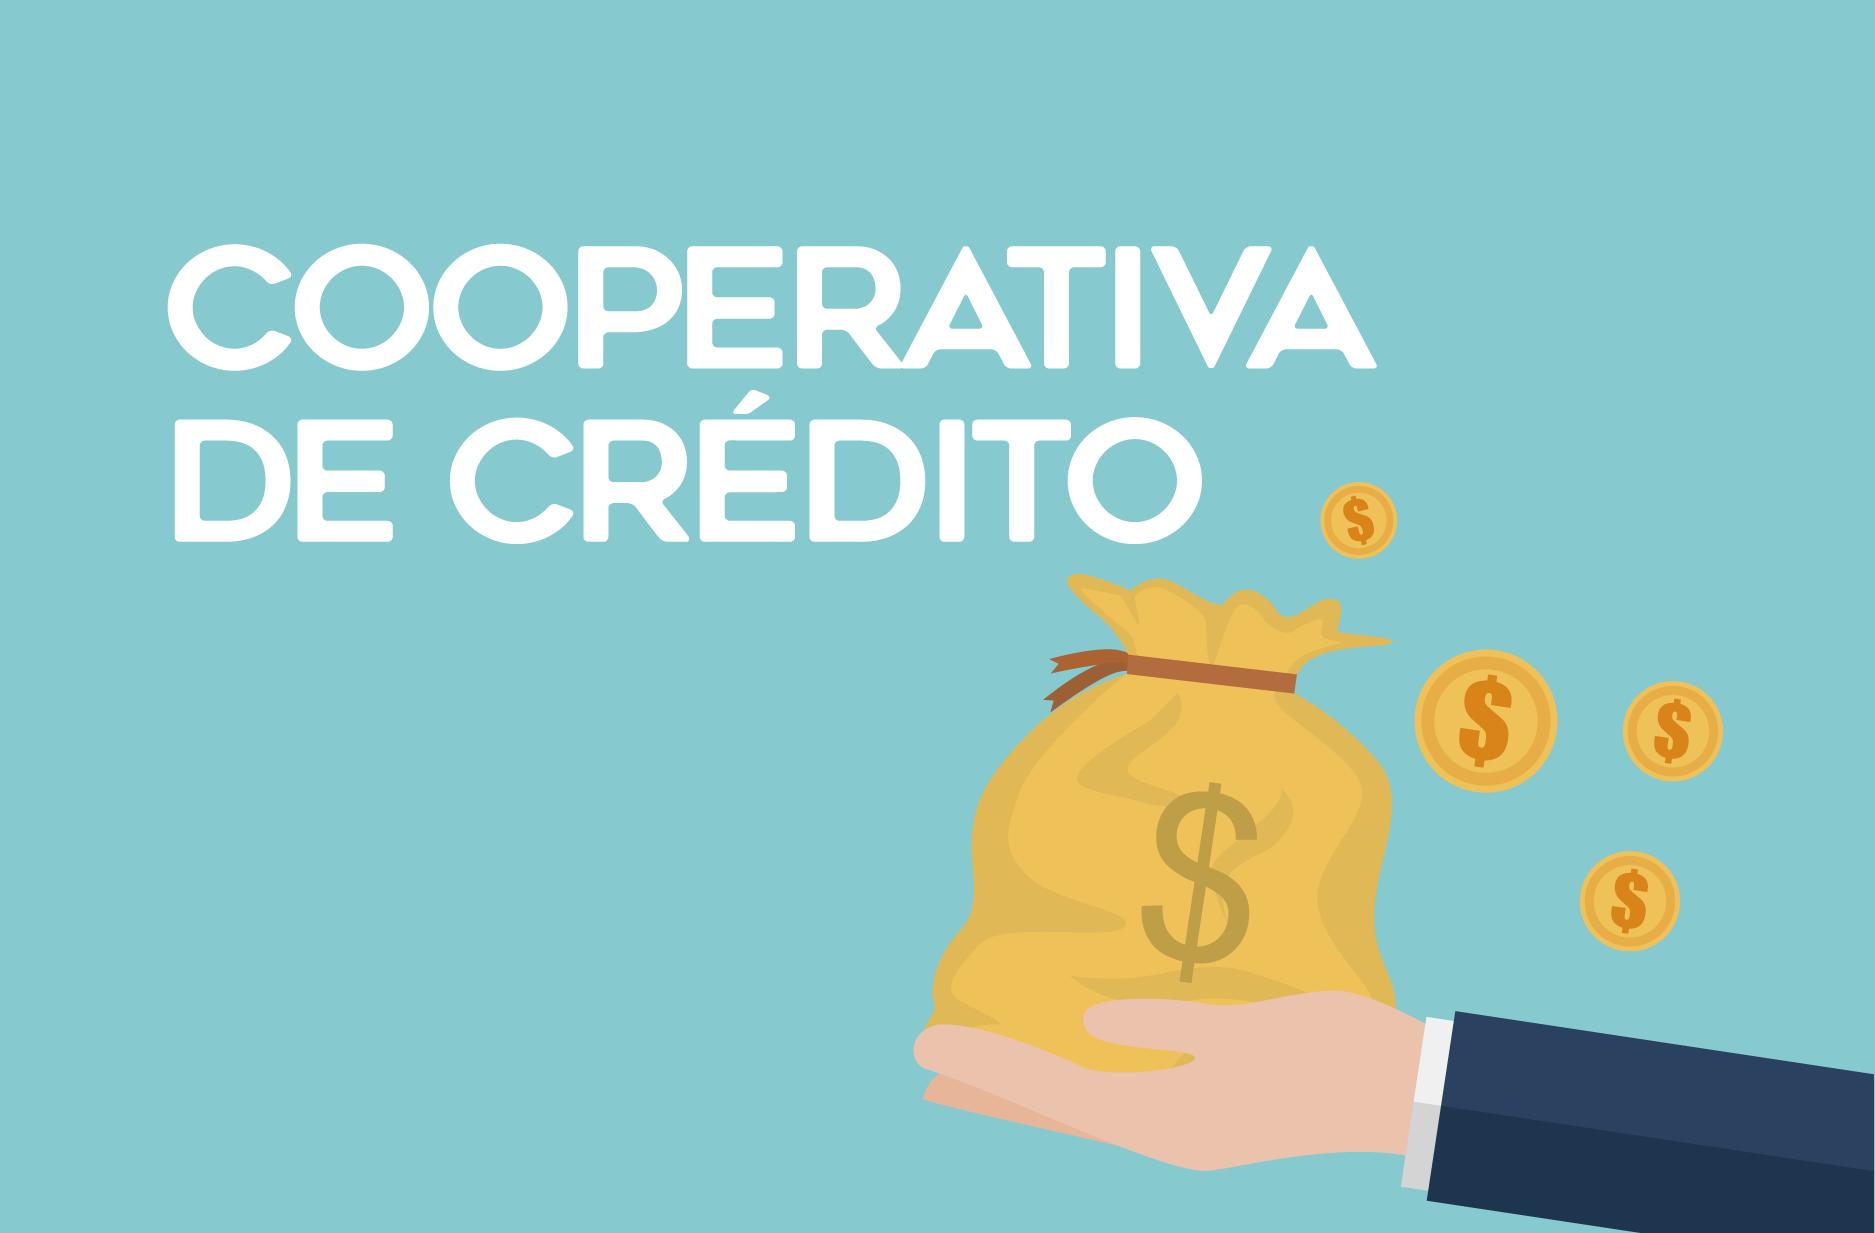 Cooperativas de crédito: em vez de clientes, há cooperados